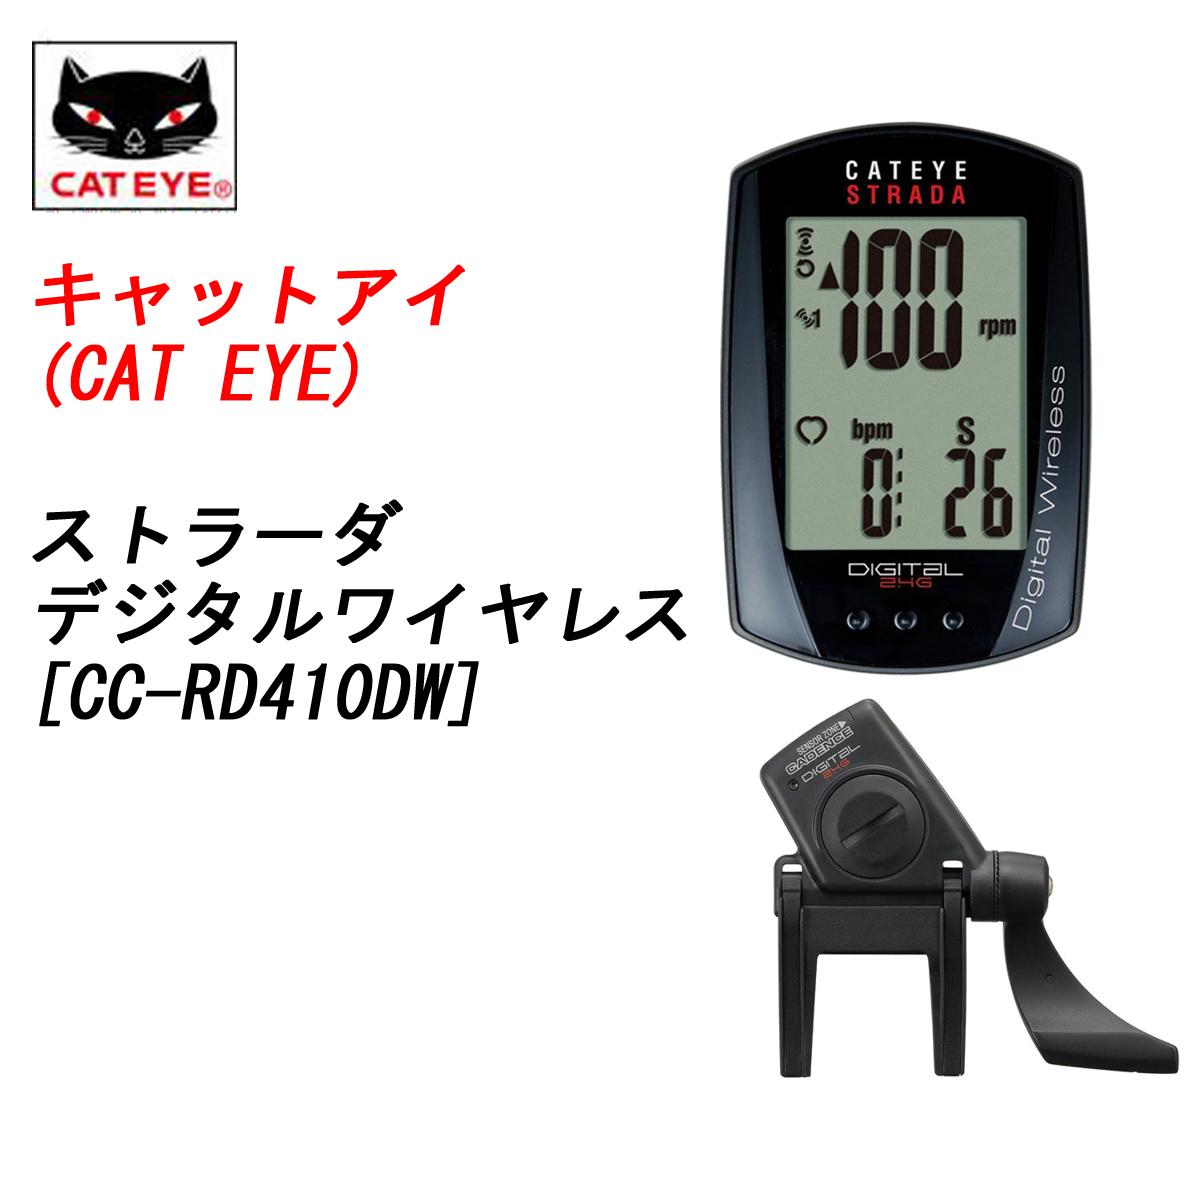 【大好評!!】キャットアイ CAT EYE ストラーダ デジタルワイヤレス CC-RD410DW スピードメーター